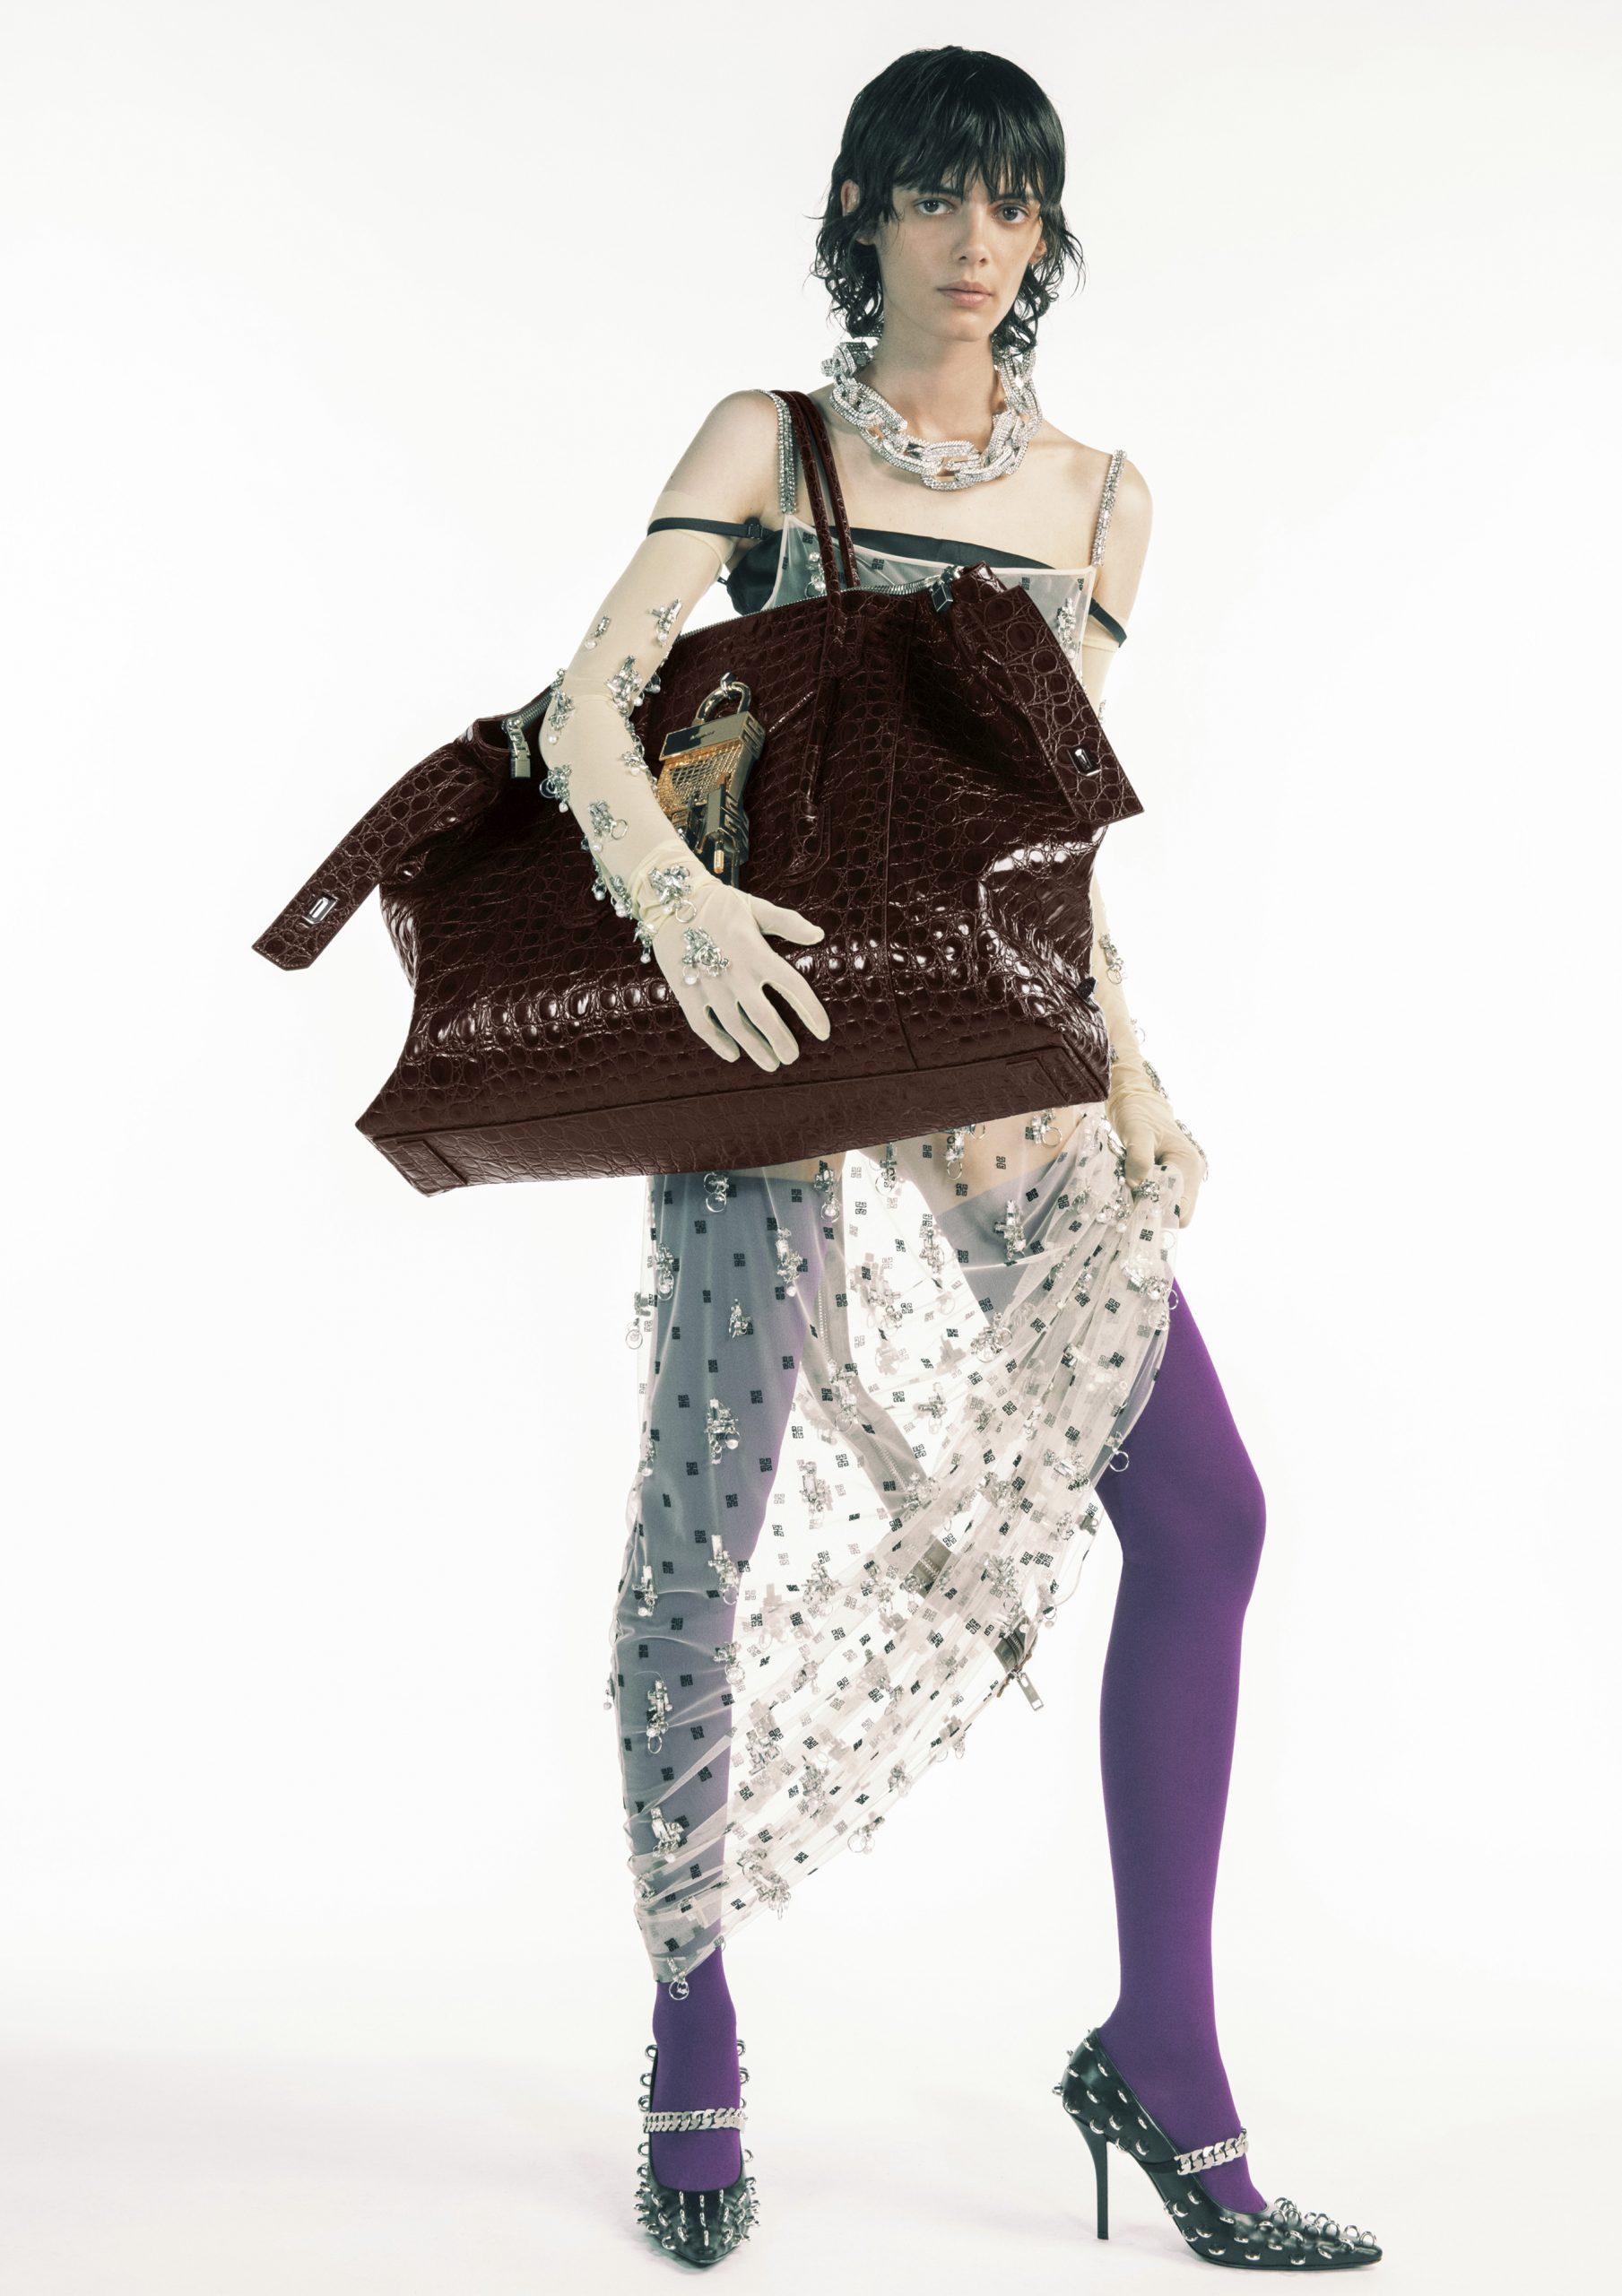 2. kép: Párizsi divathét - 2021 tavasz-nyár - ready to wear - Givenchy